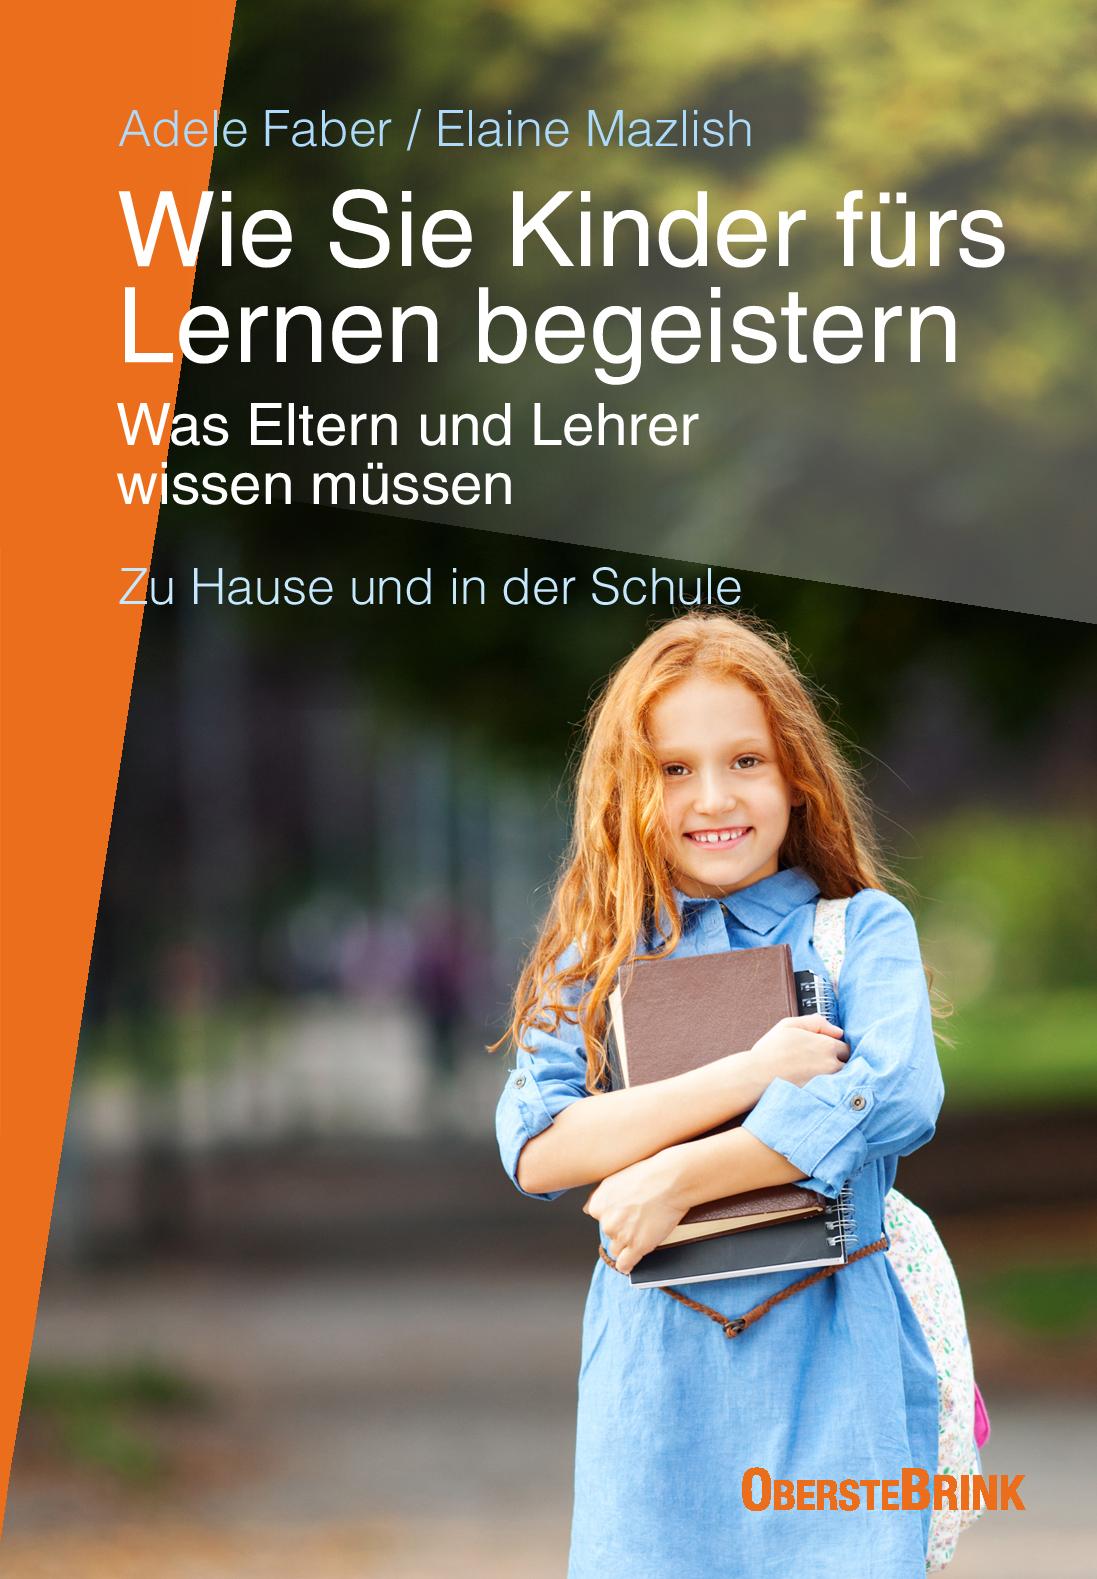 NEU Wie Sie Kinder fürs Lernen begeistern Adele Faber 040009